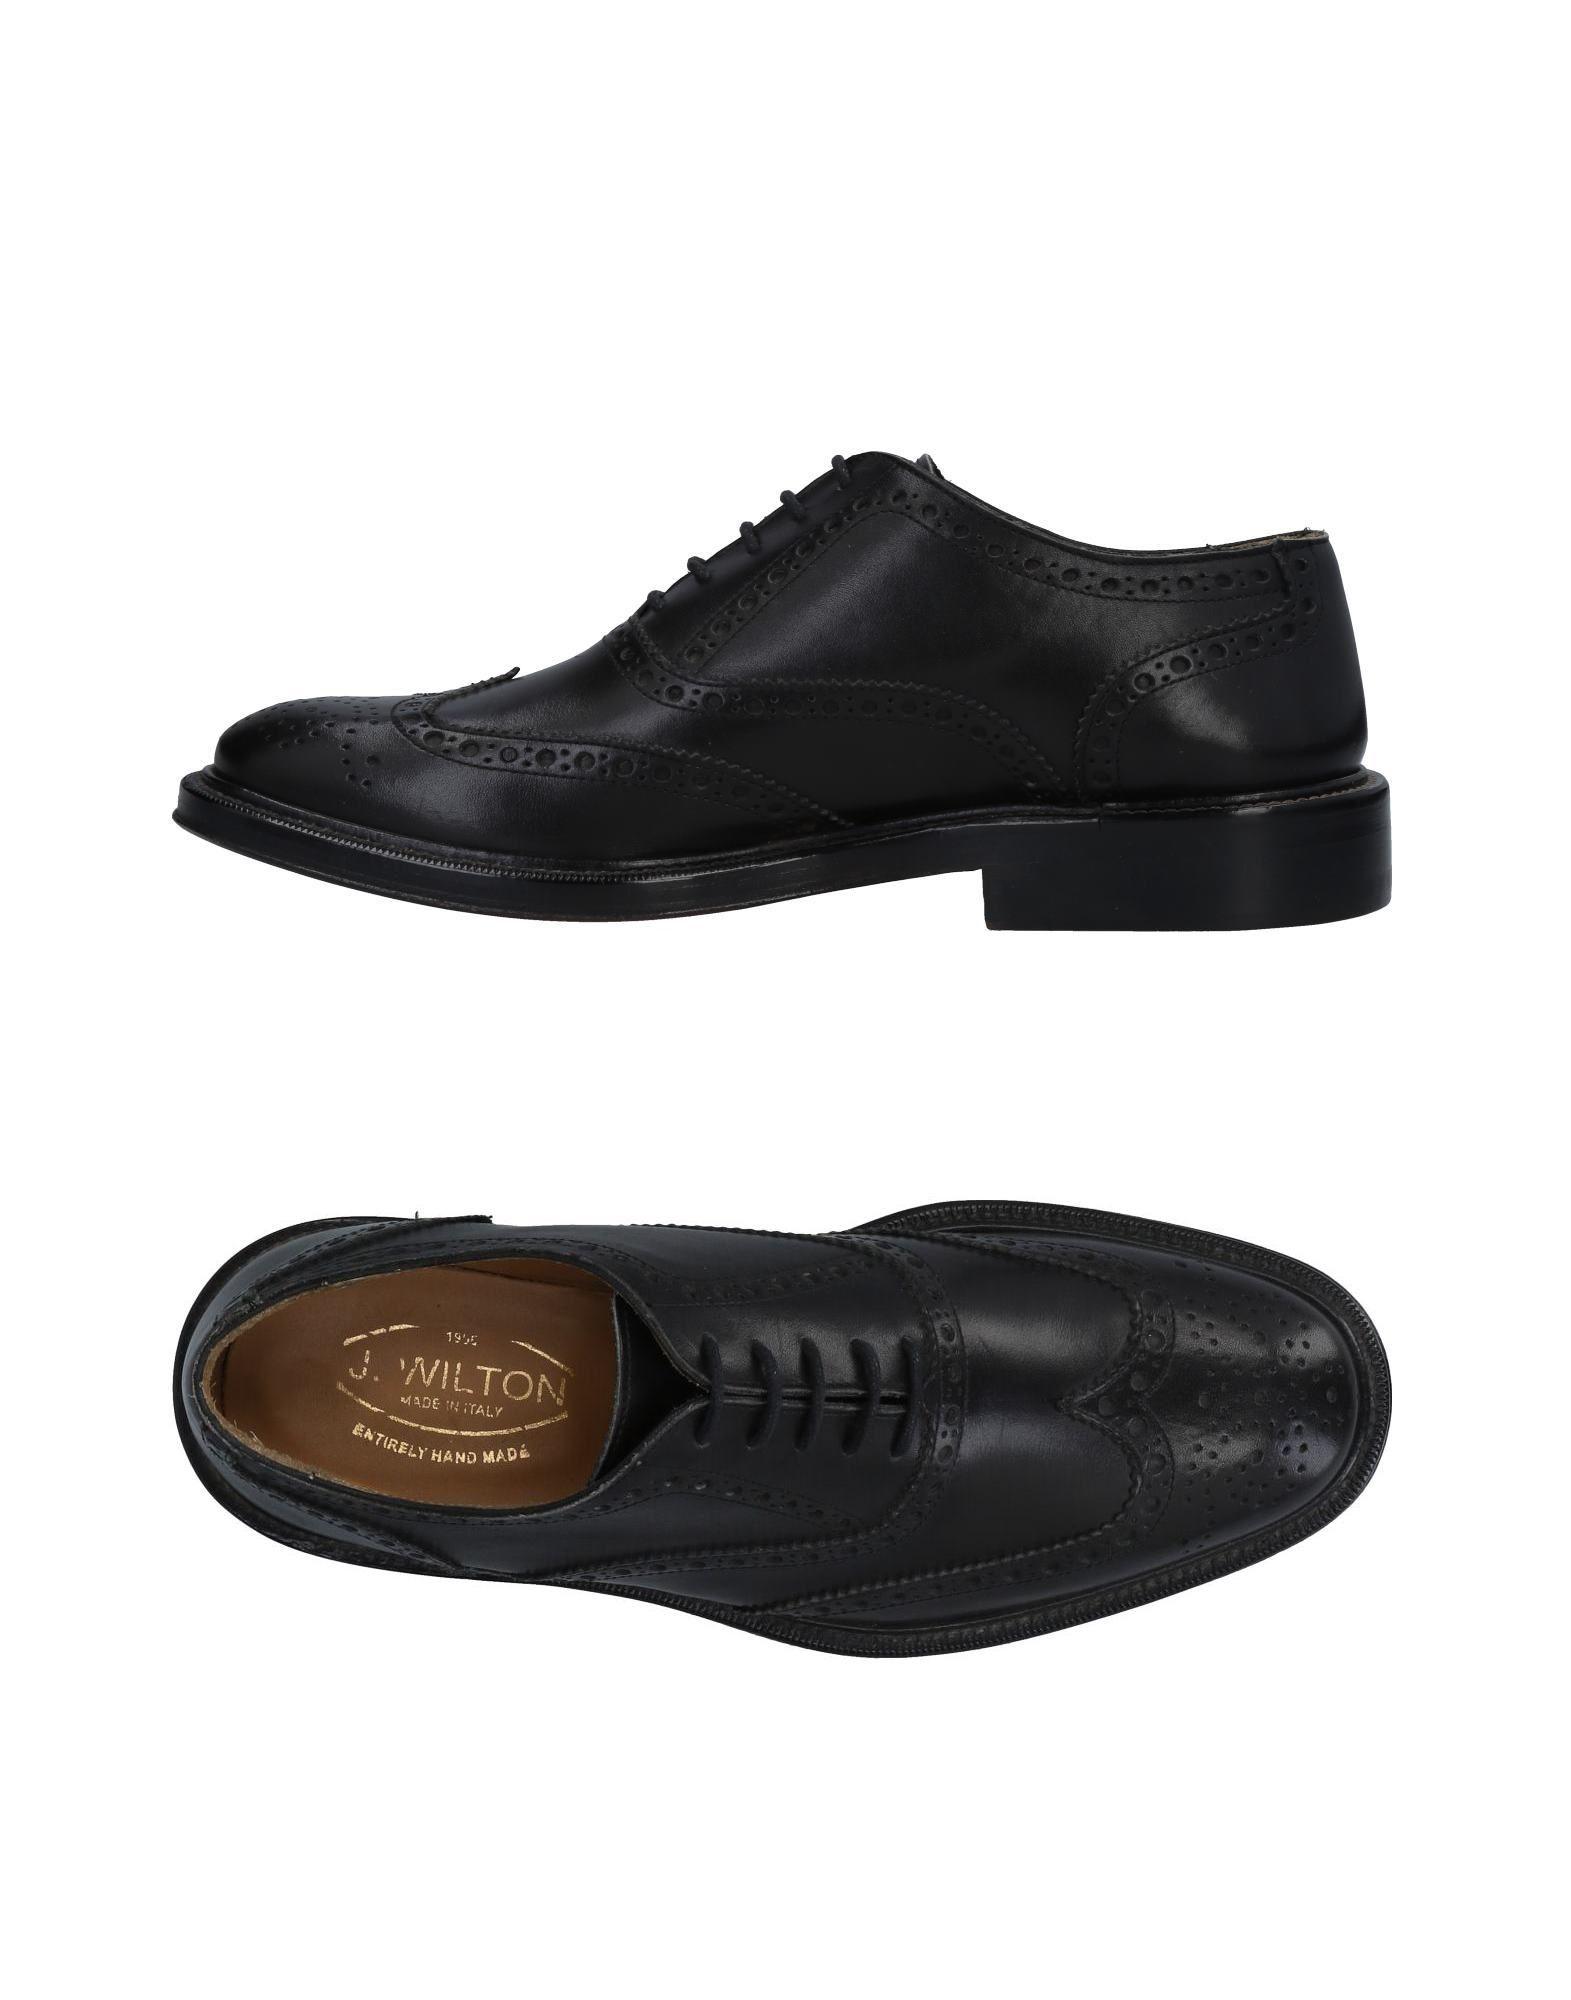 Rabatt echte  Schuhe J.Wilton Schnürschuhe Herren  echte 11480981KV 2e6b44